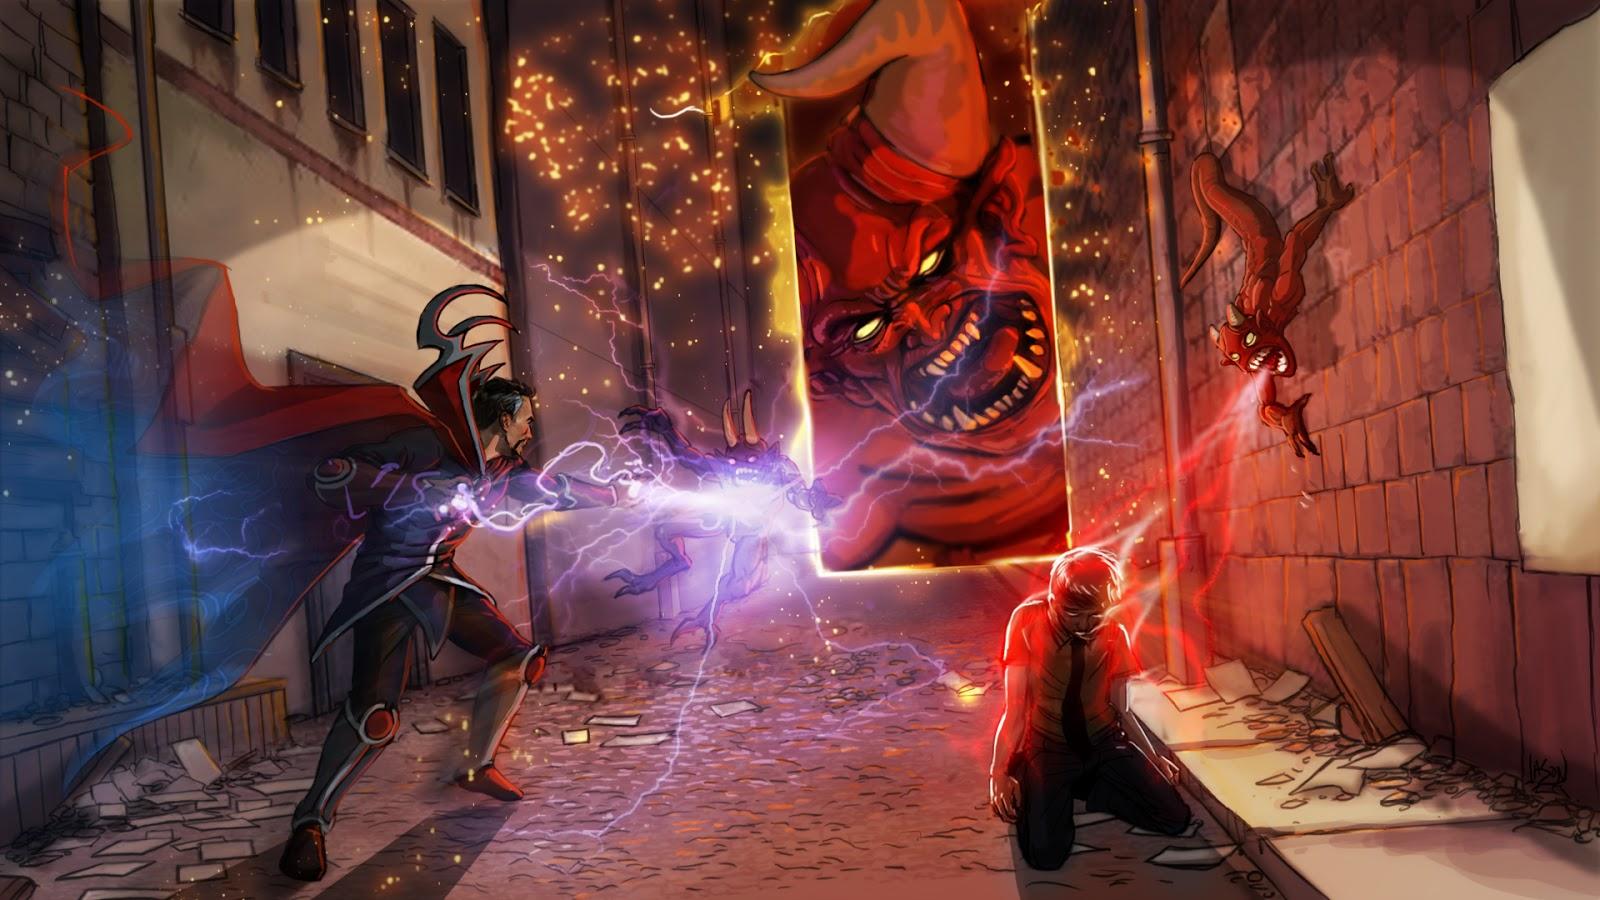 Au77 Doctor Strange Hero Illustration Art: Jason Godbout